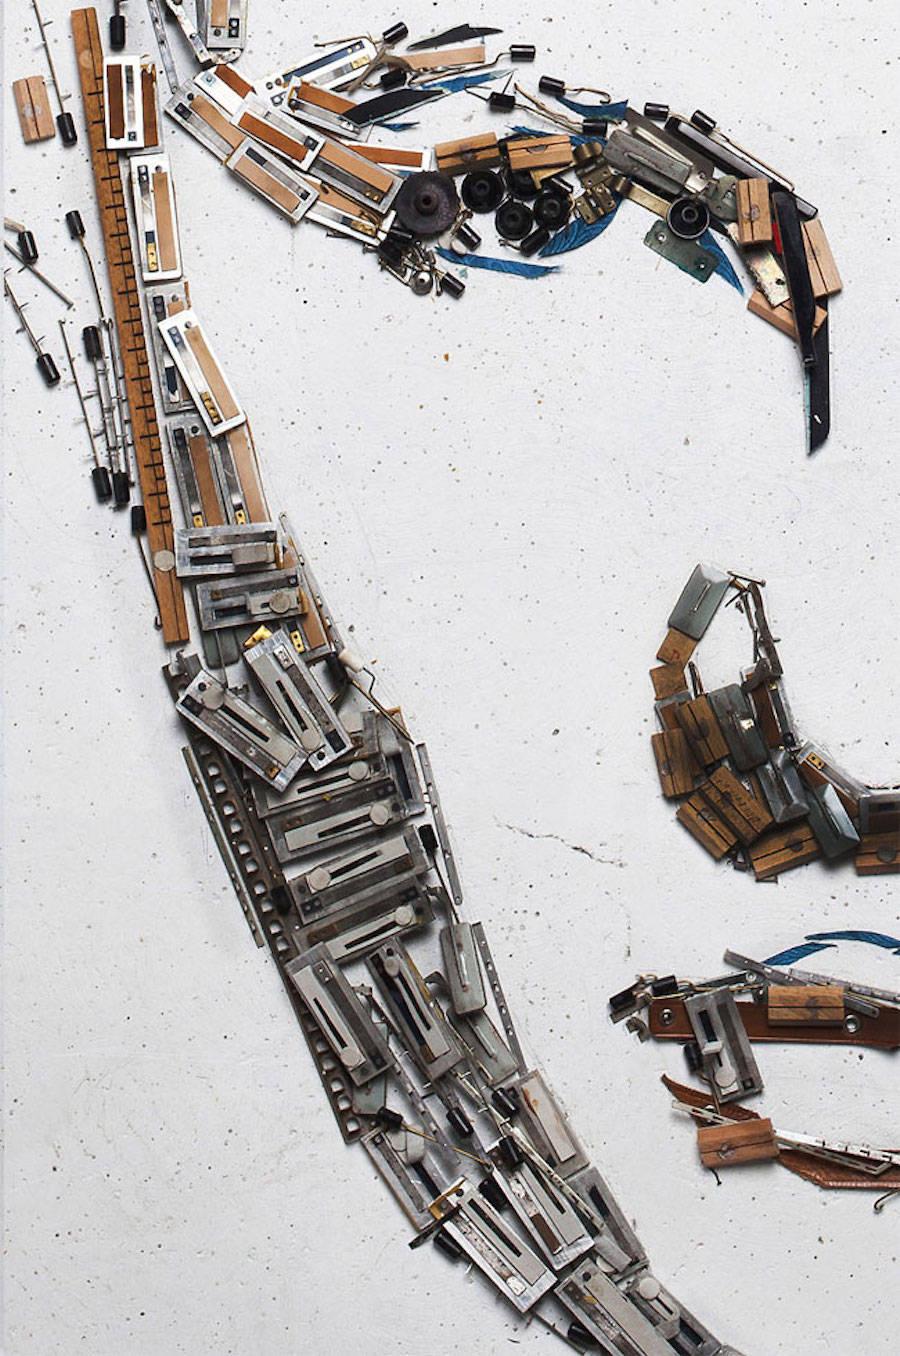 ritratto-gigante-fatto-pezzi-fisarmonica-jolita-vaitkute-3